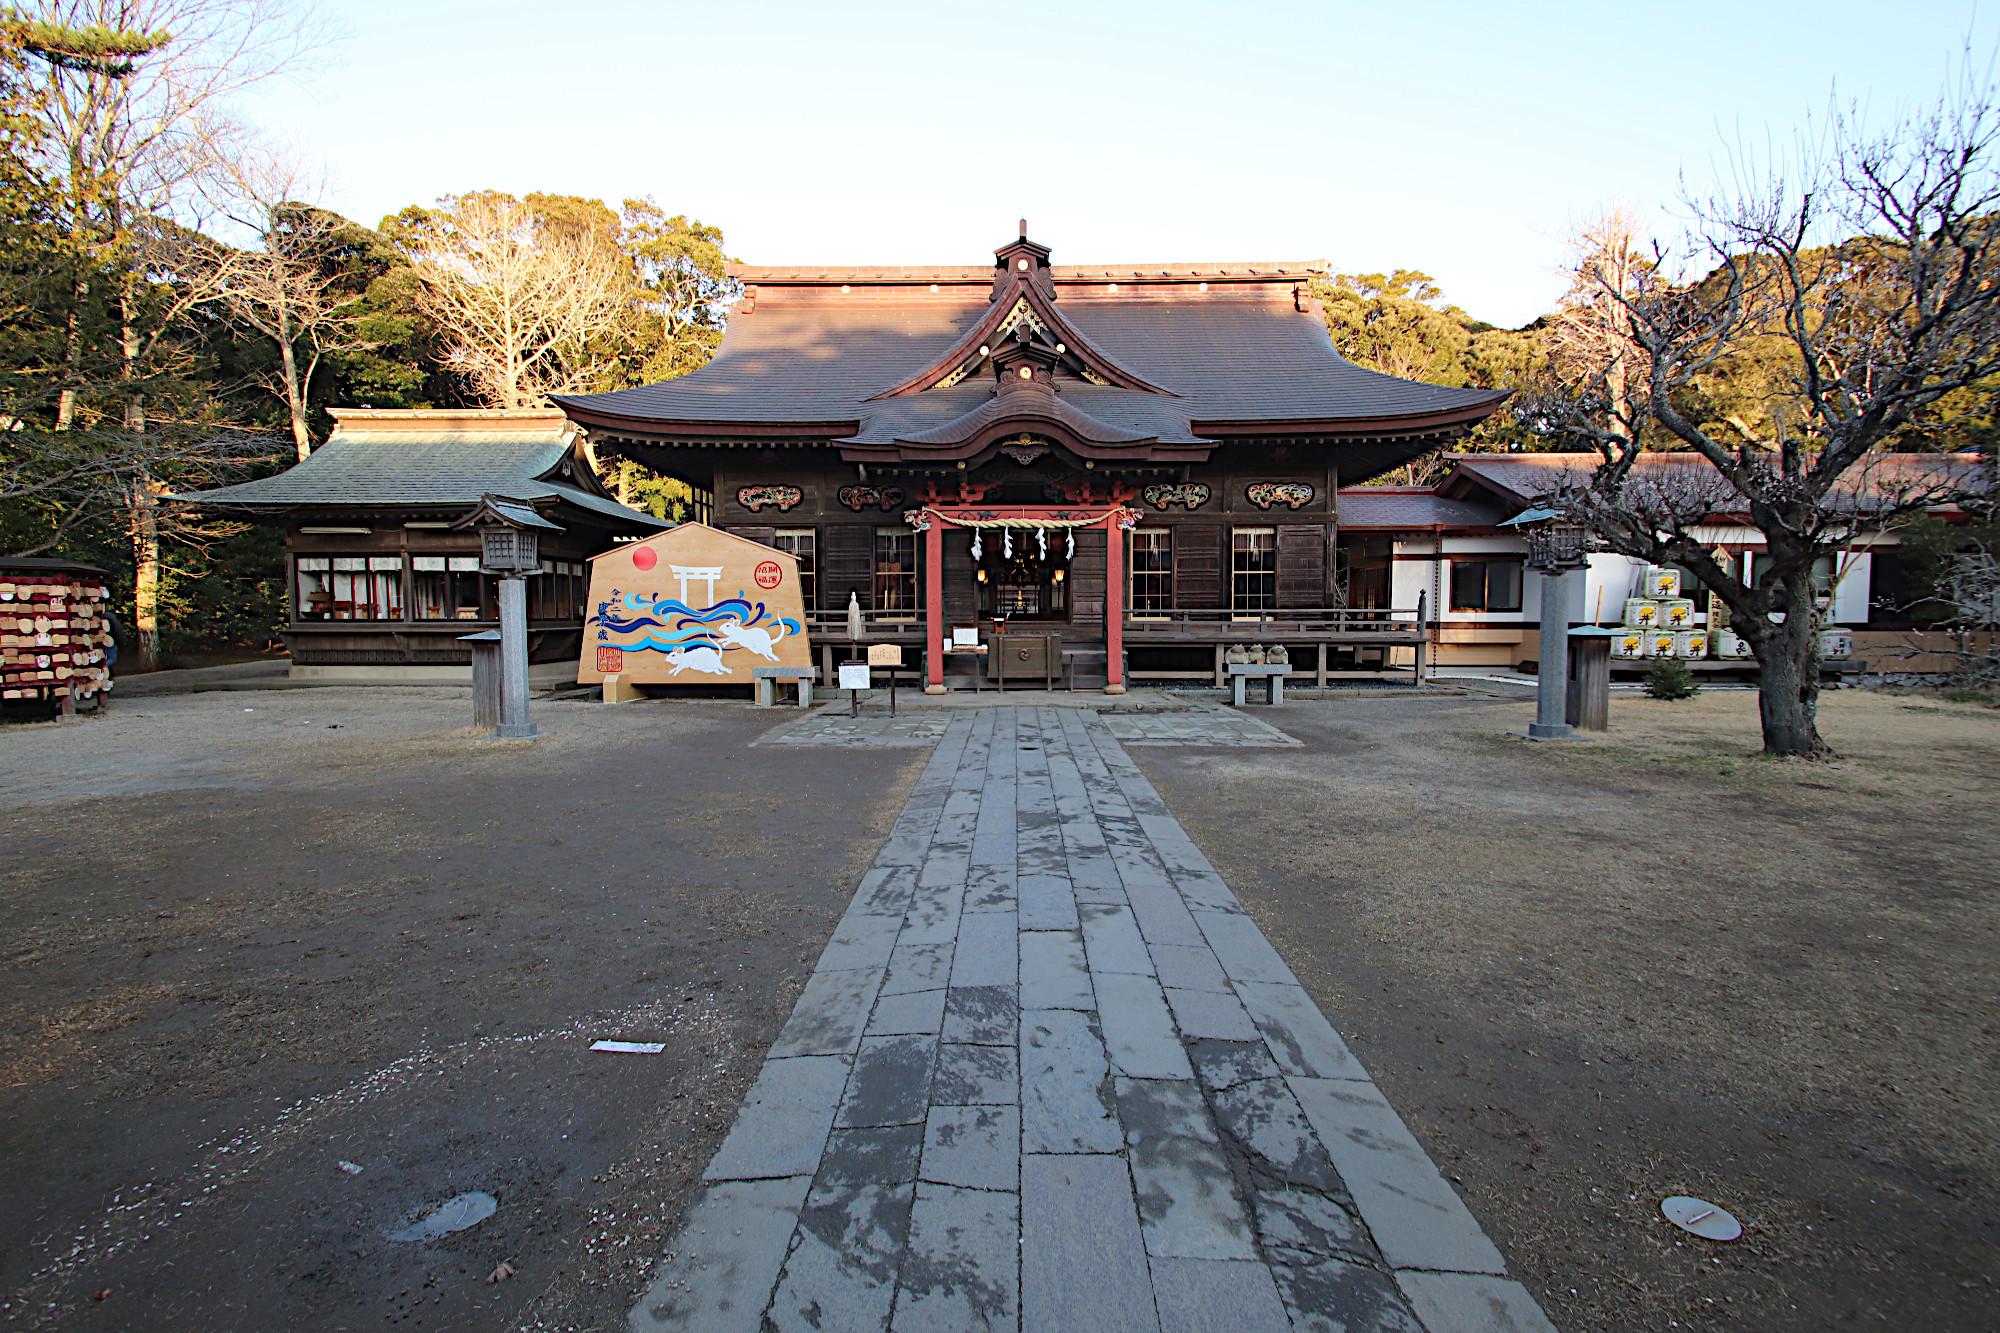 大洗磯前神社の拝殿(本殿)